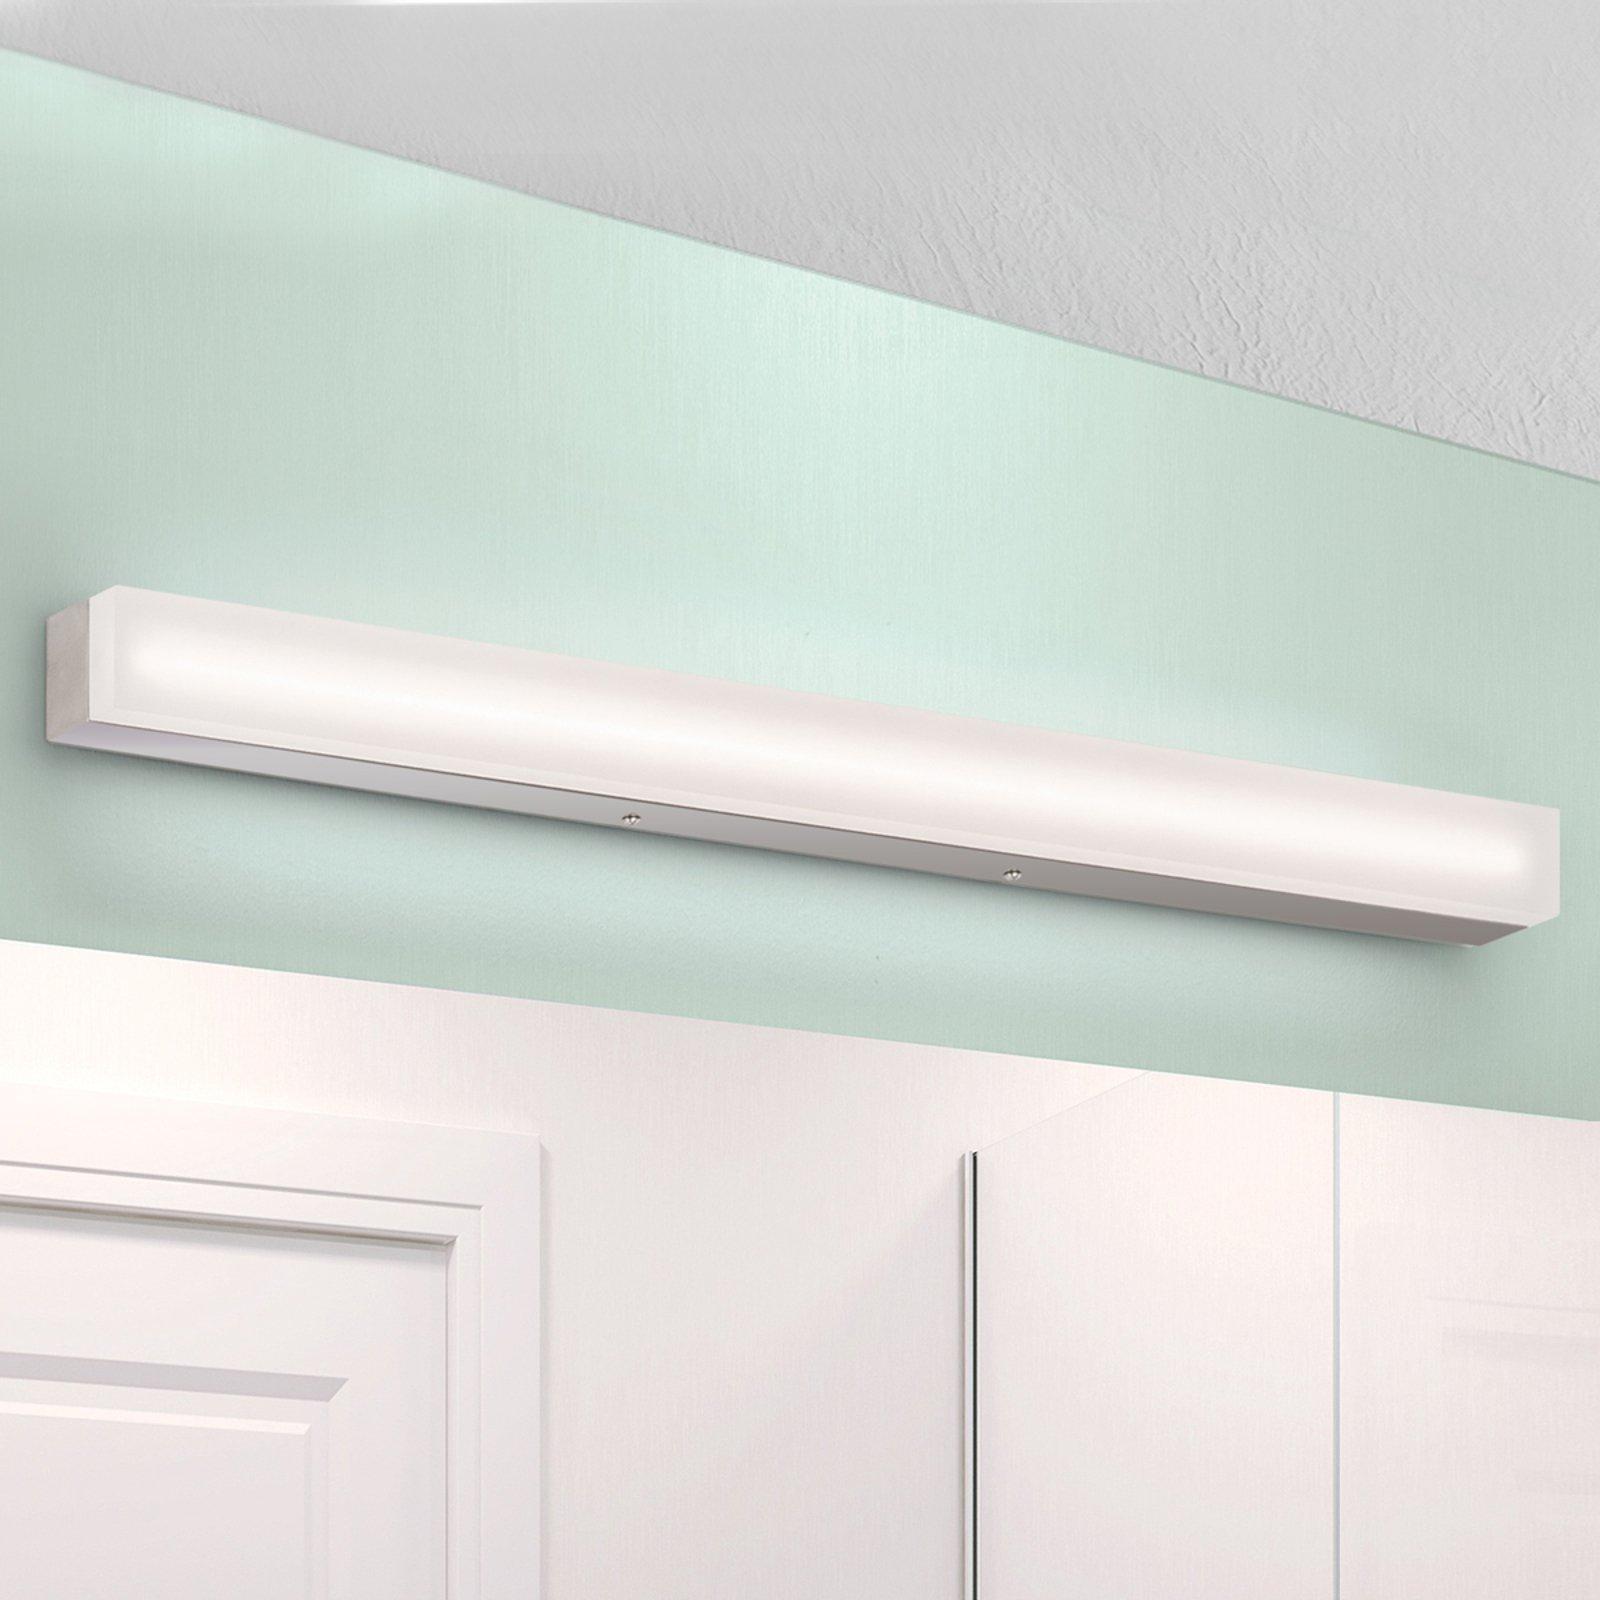 LED-vegglampe Nane til badet, 75 cm